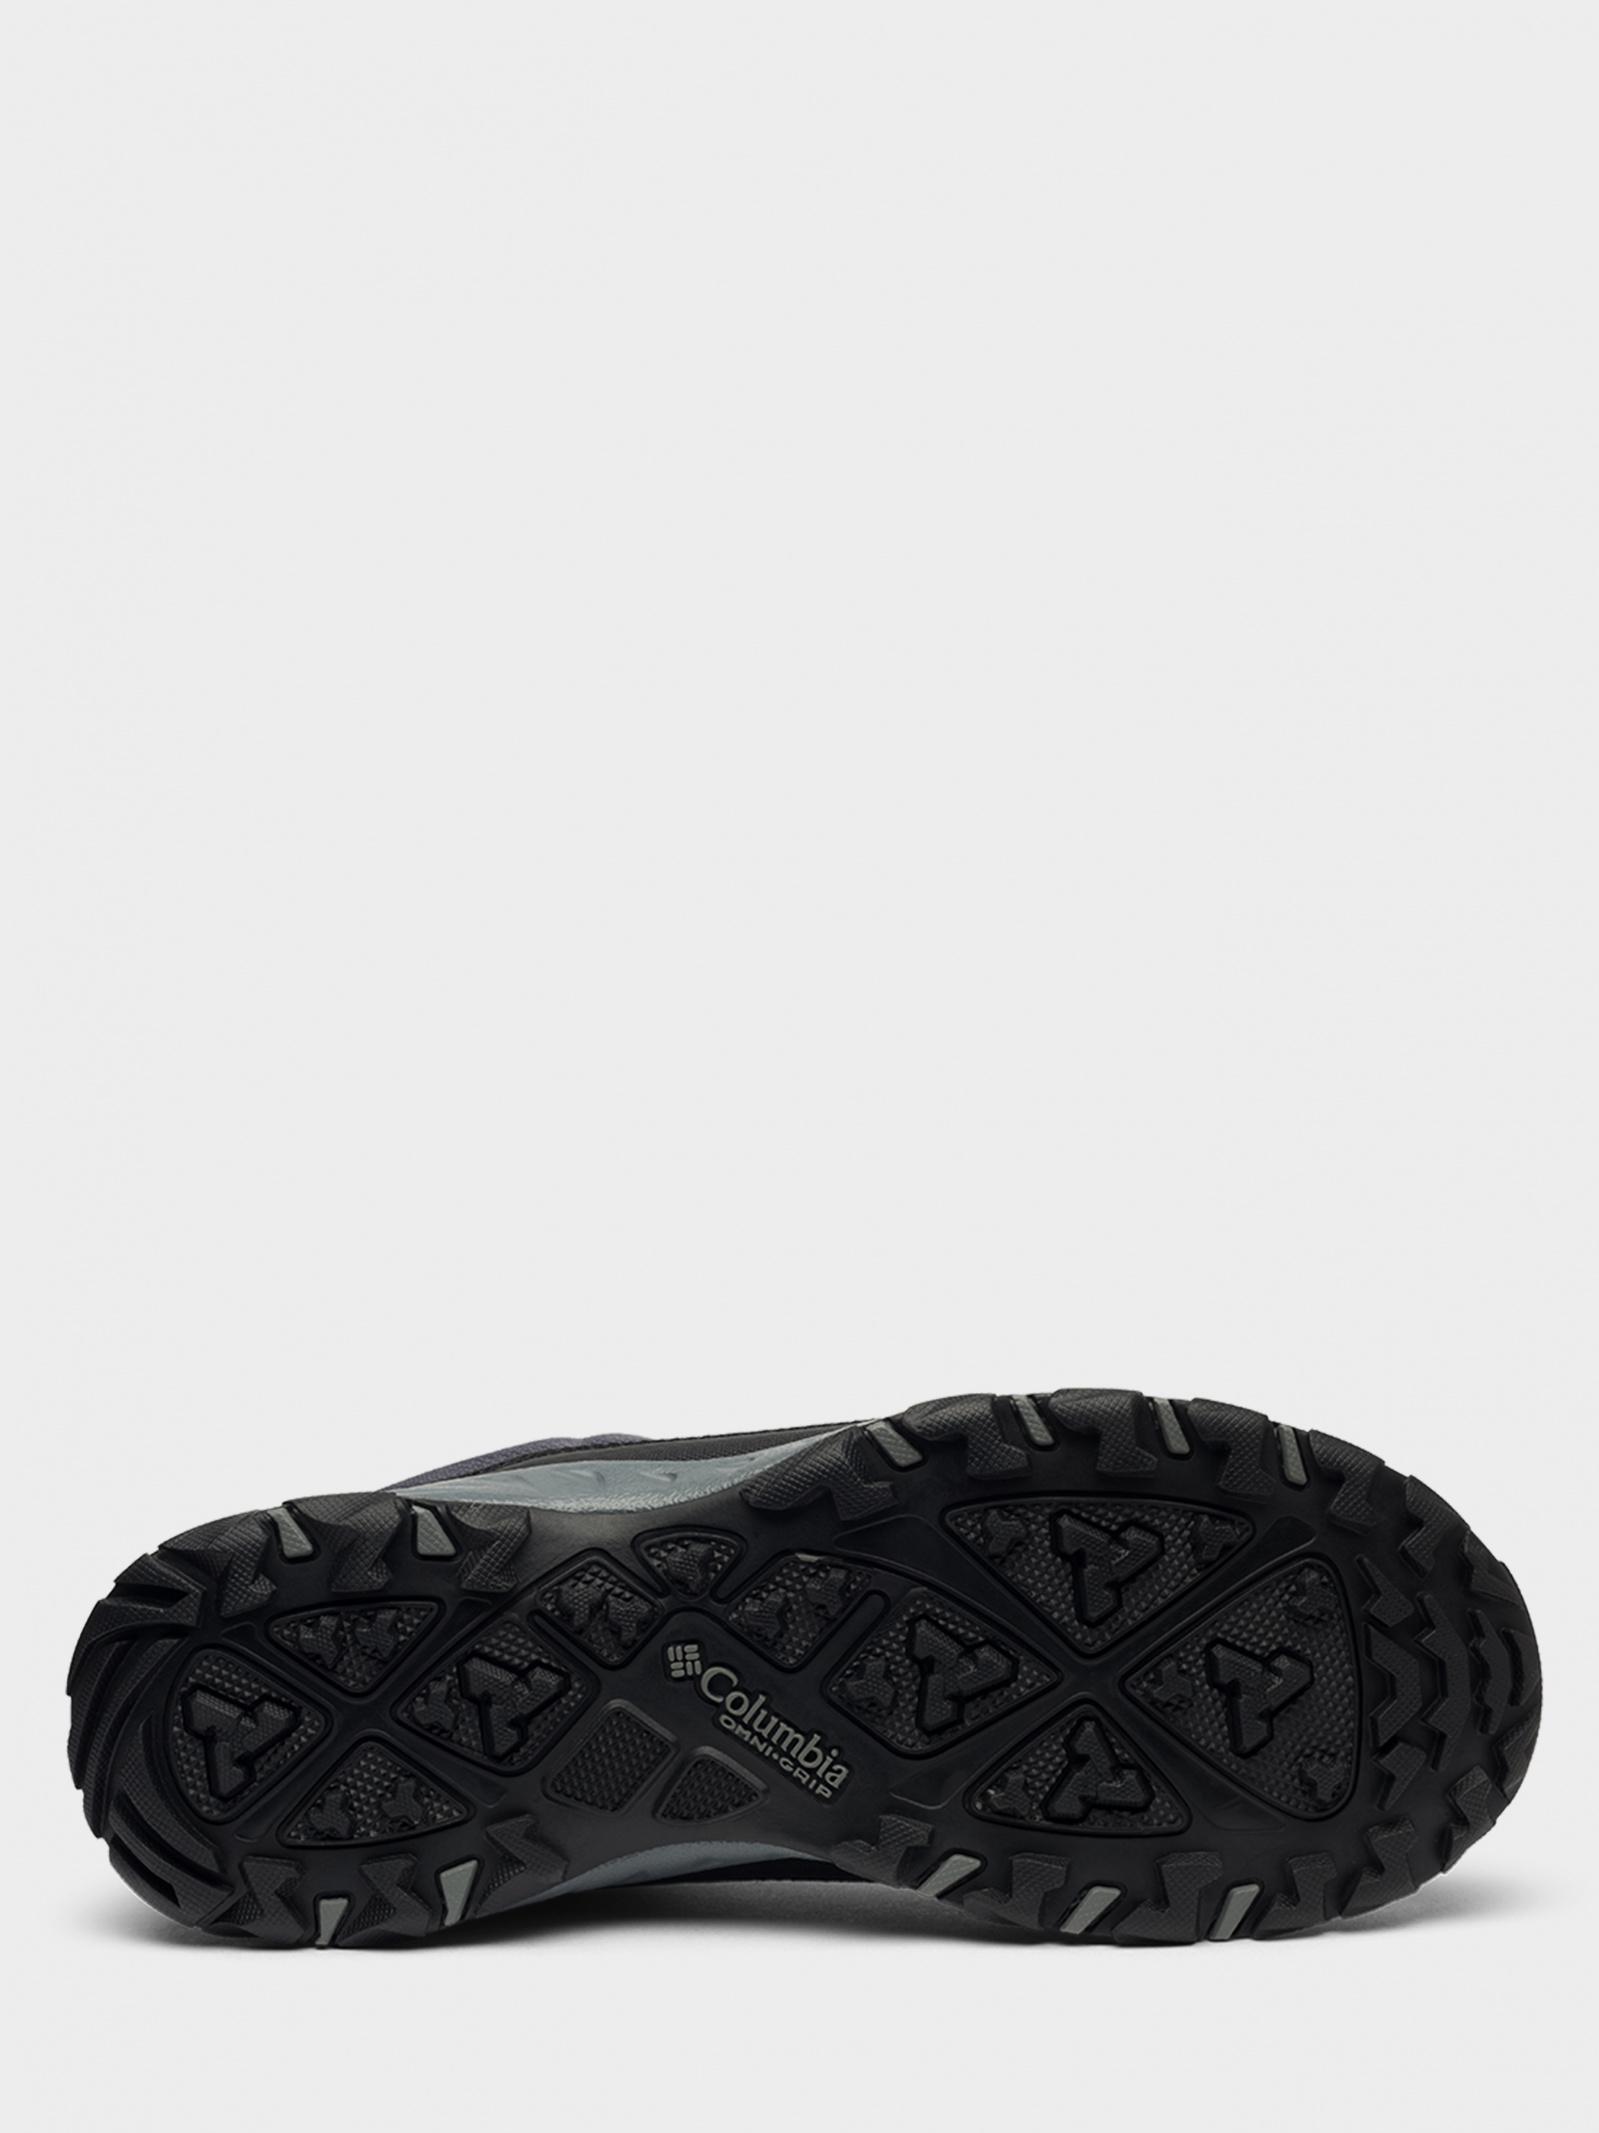 Кросівки  для чоловіків Columbia 1865021-011 модне взуття, 2017